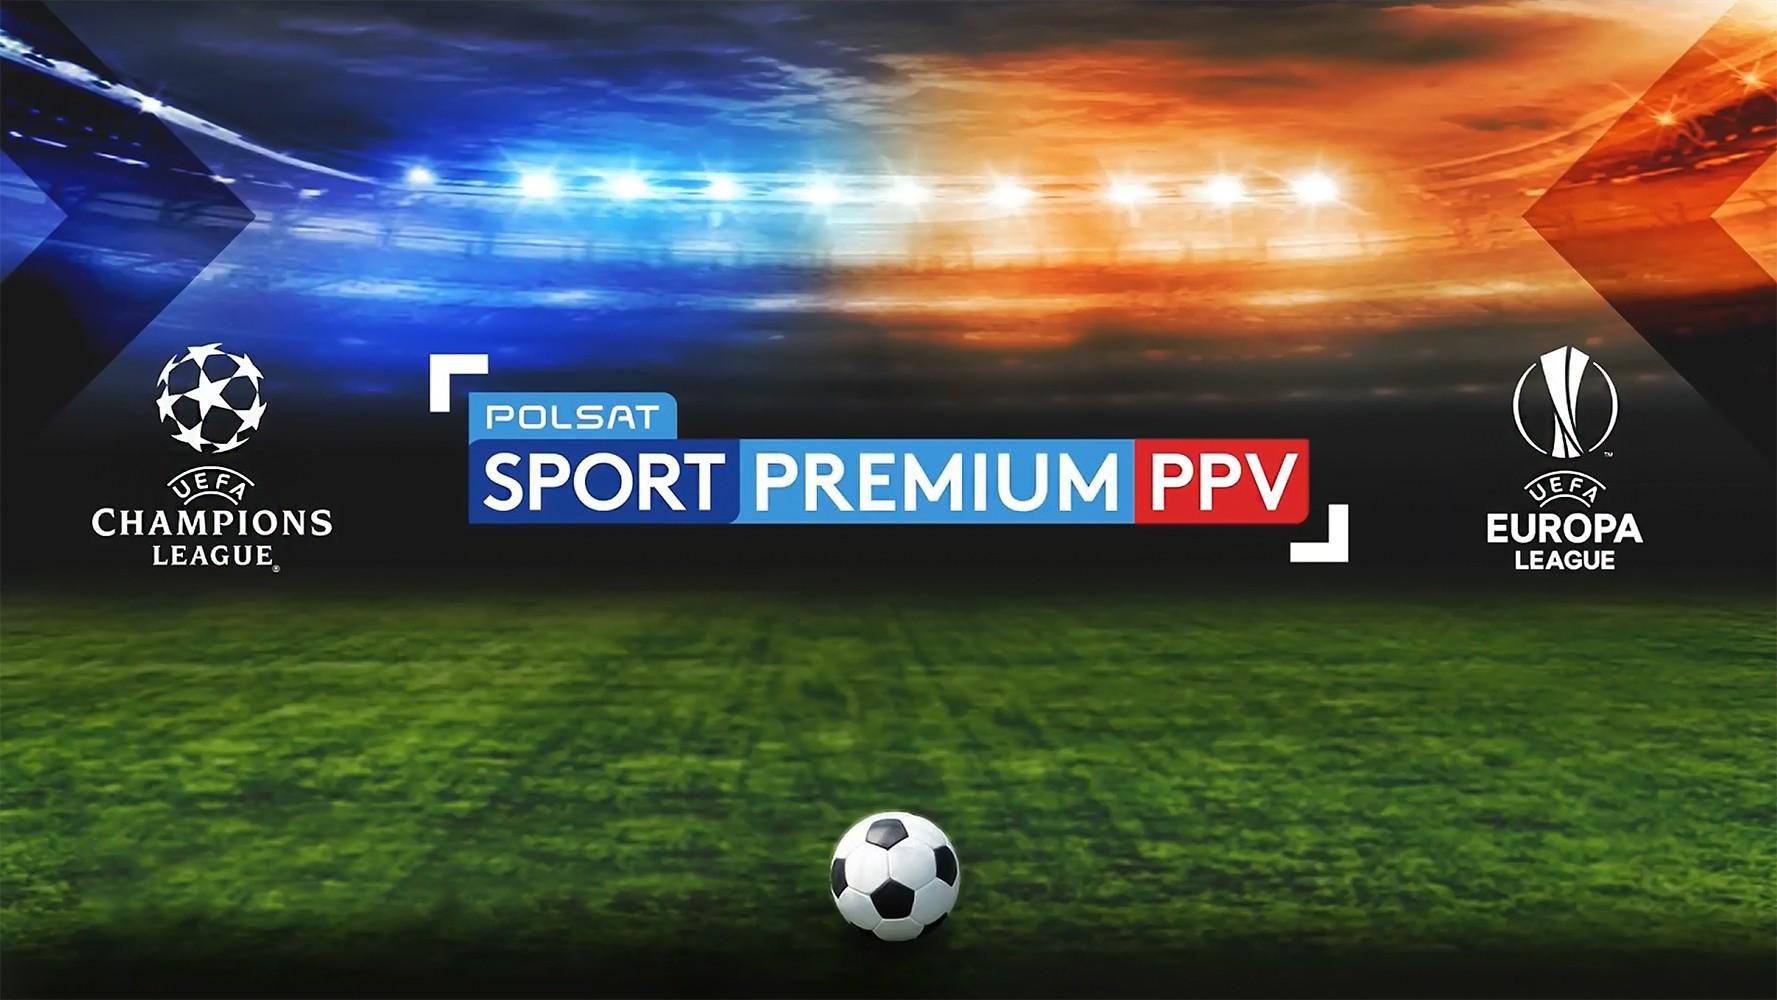 Liga Mistrzów i Liga Europy w Polsat Sport Premium